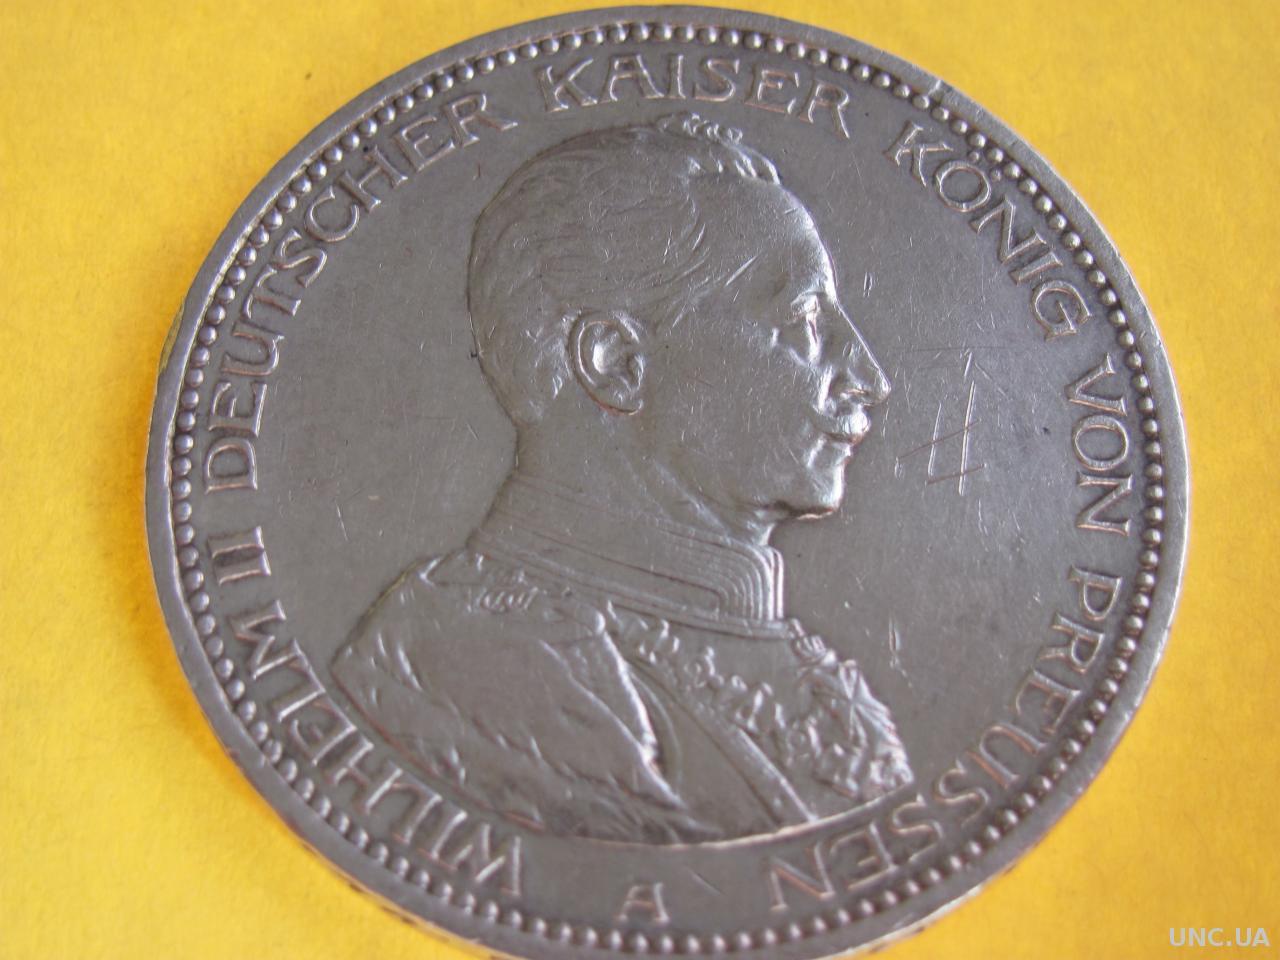 «5 марок» 1913 года с портретом последнего императора Германии и прусского короля Вильгельма II